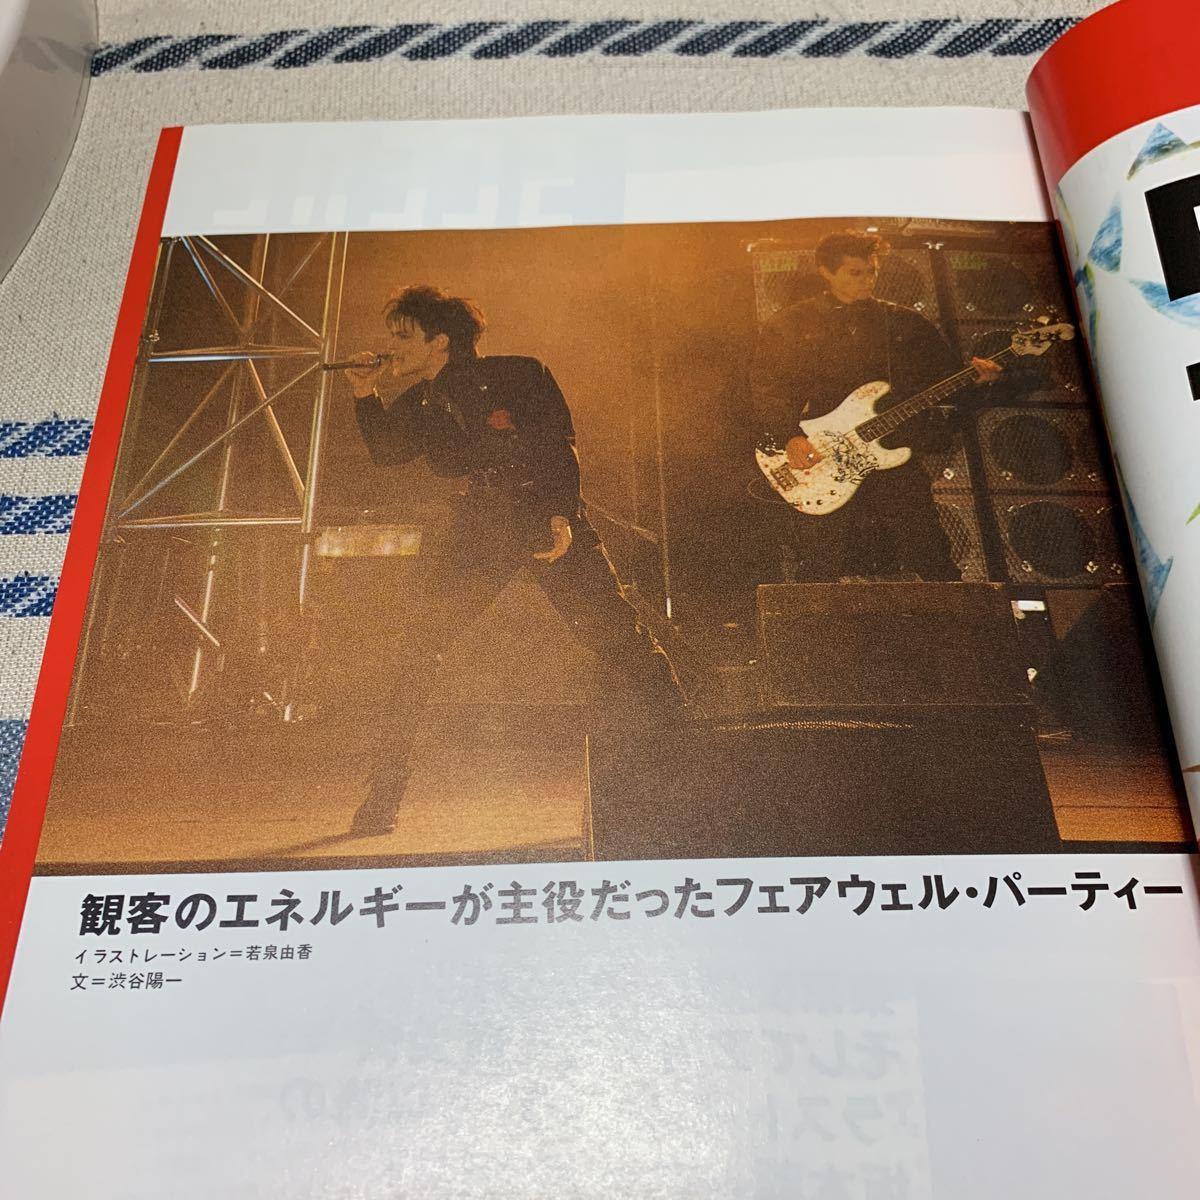 rockin'on japan 1988年 vol.12 布袋寅泰 表紙 BOOWY解散後のはじめて語った解散の真相 LAST GIGS 直後_画像2